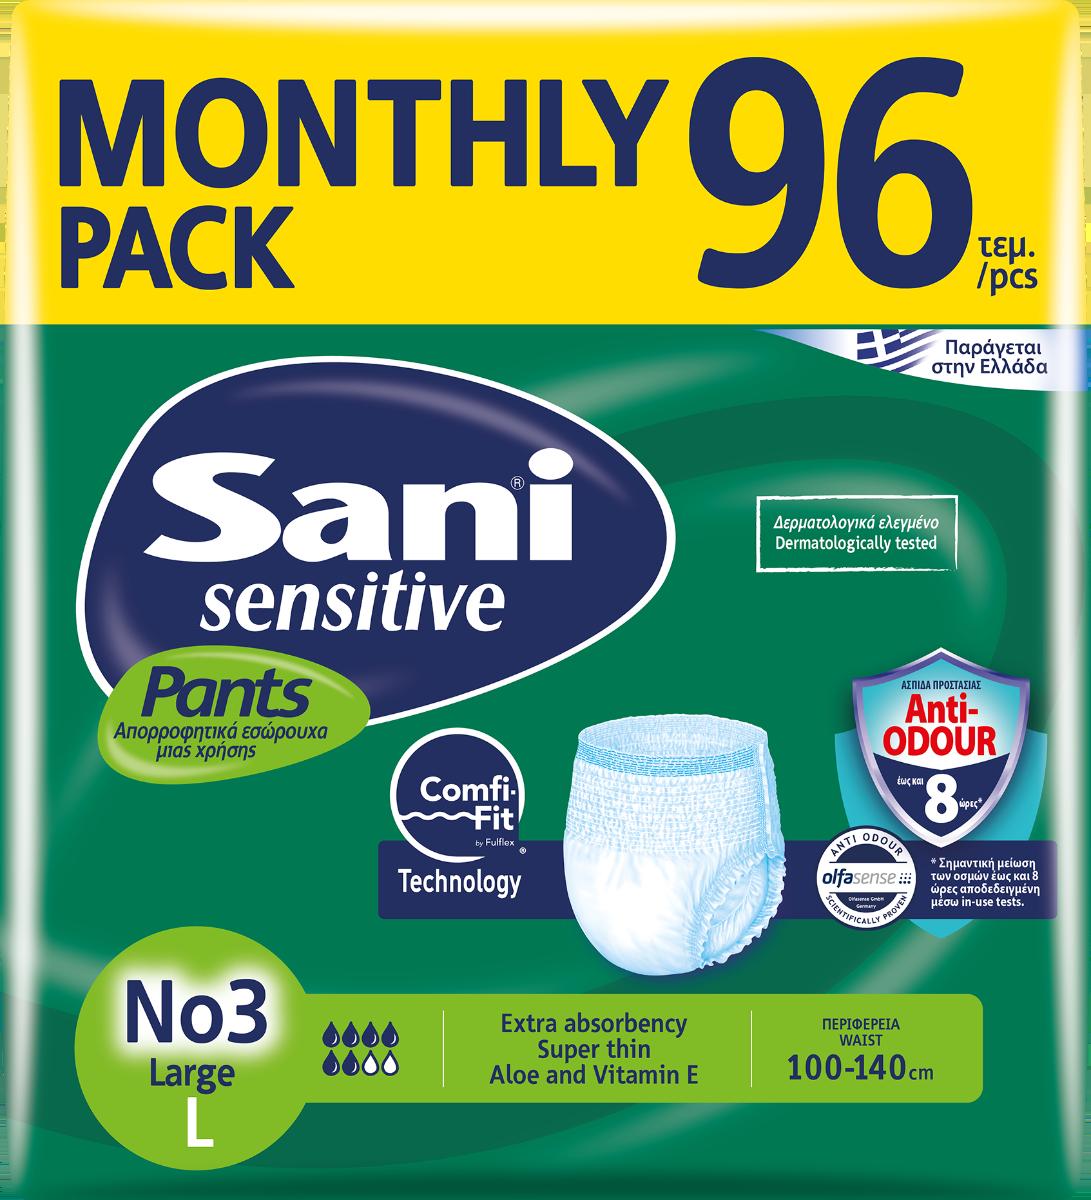 Ελαστικό εσώρουχο ακράτειας Sani Sensitive Pants Monthly Pack Large No3 96τεμ